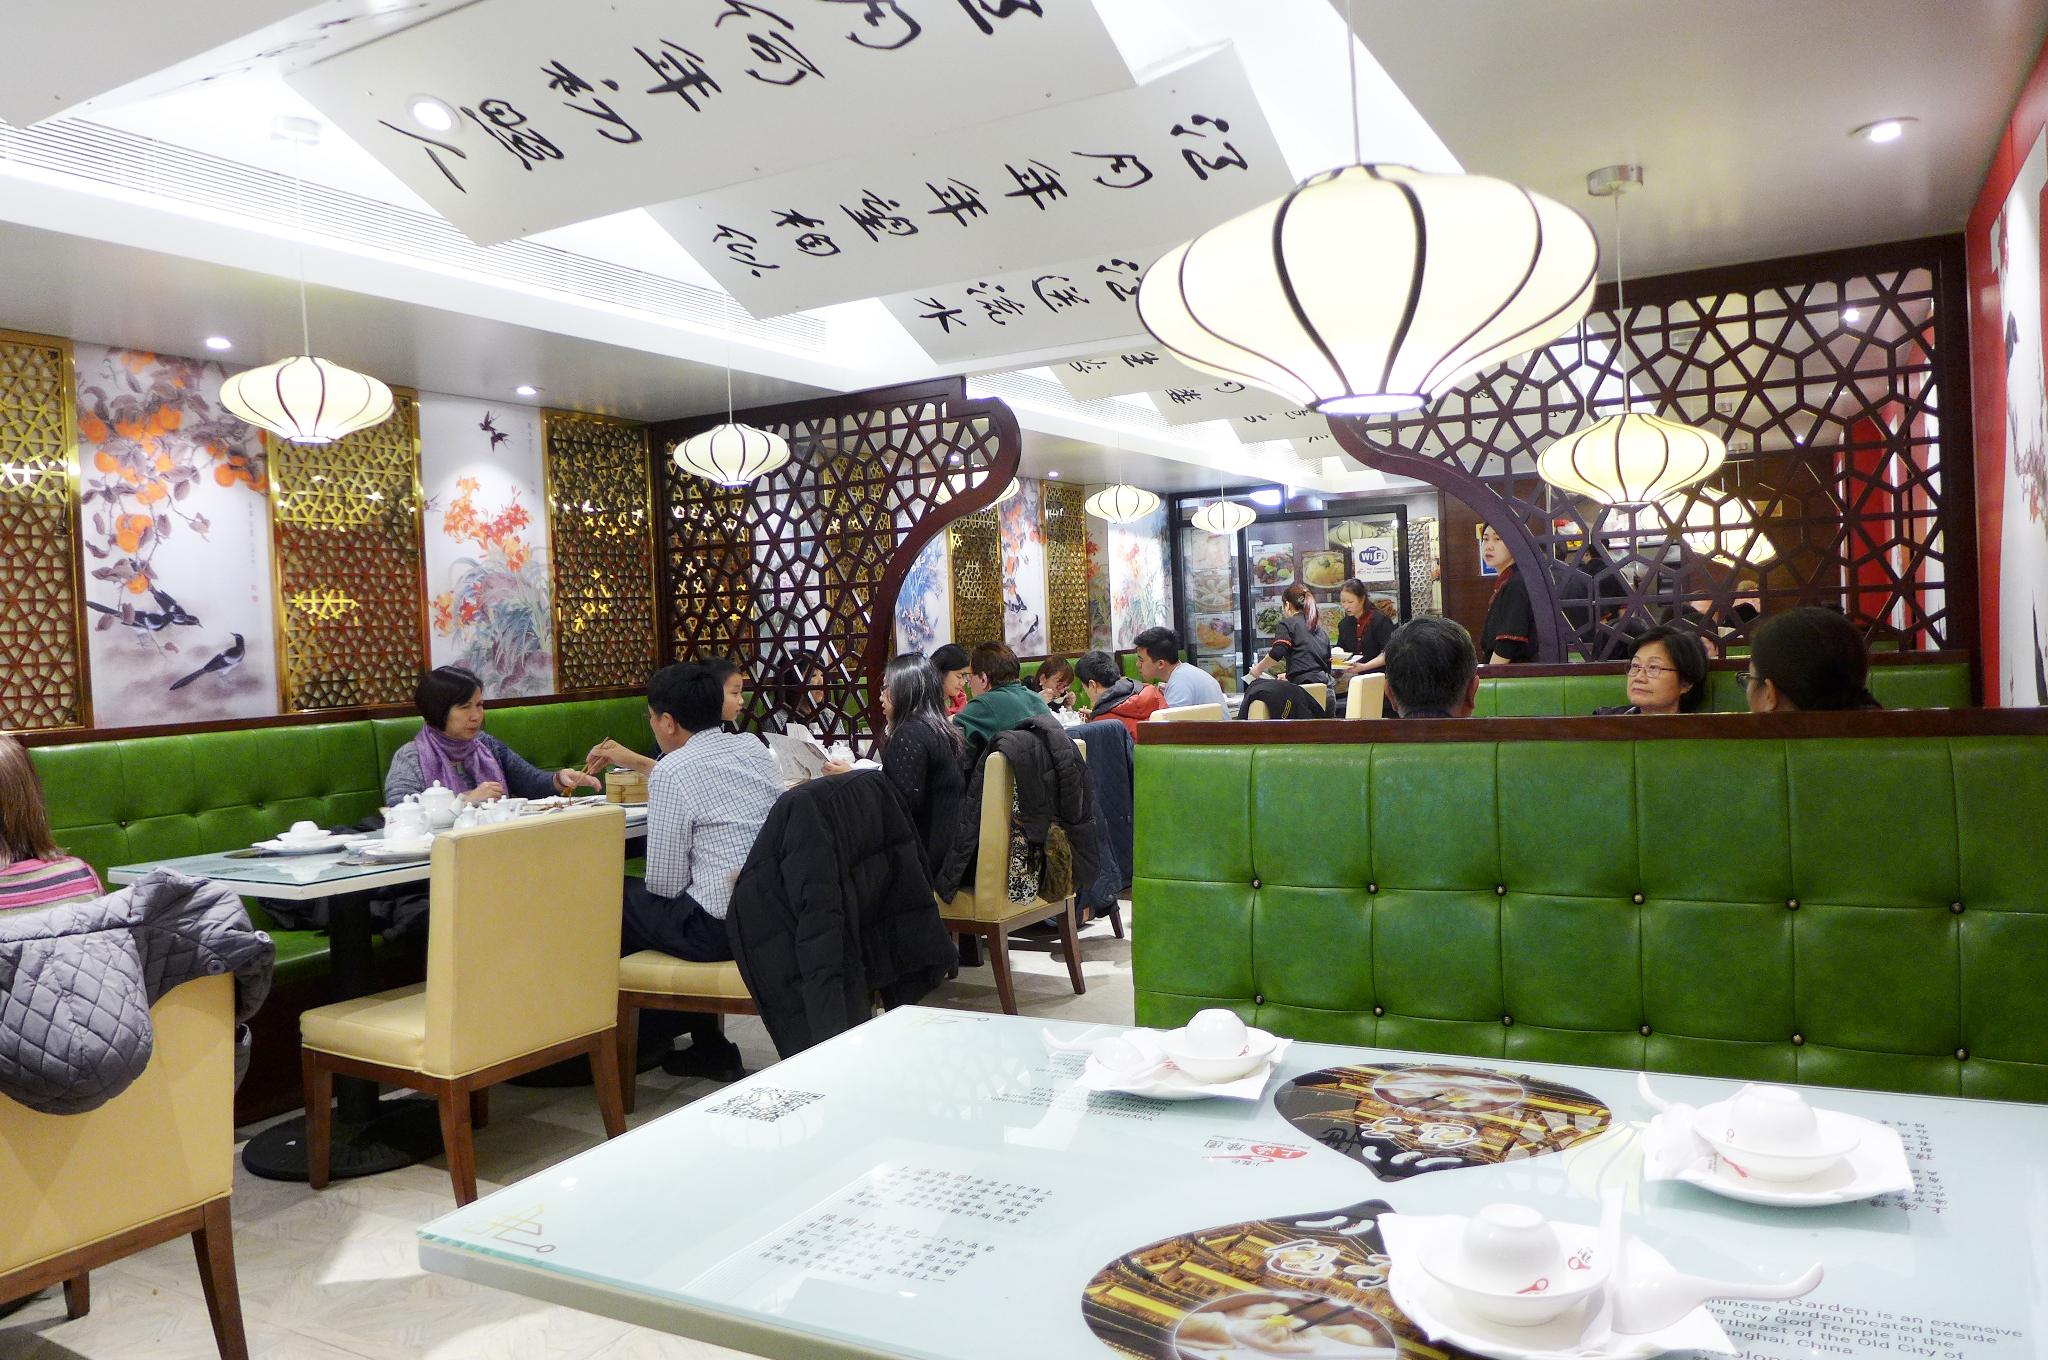 Rue La Rue Cafe Broadway Nyc Ny